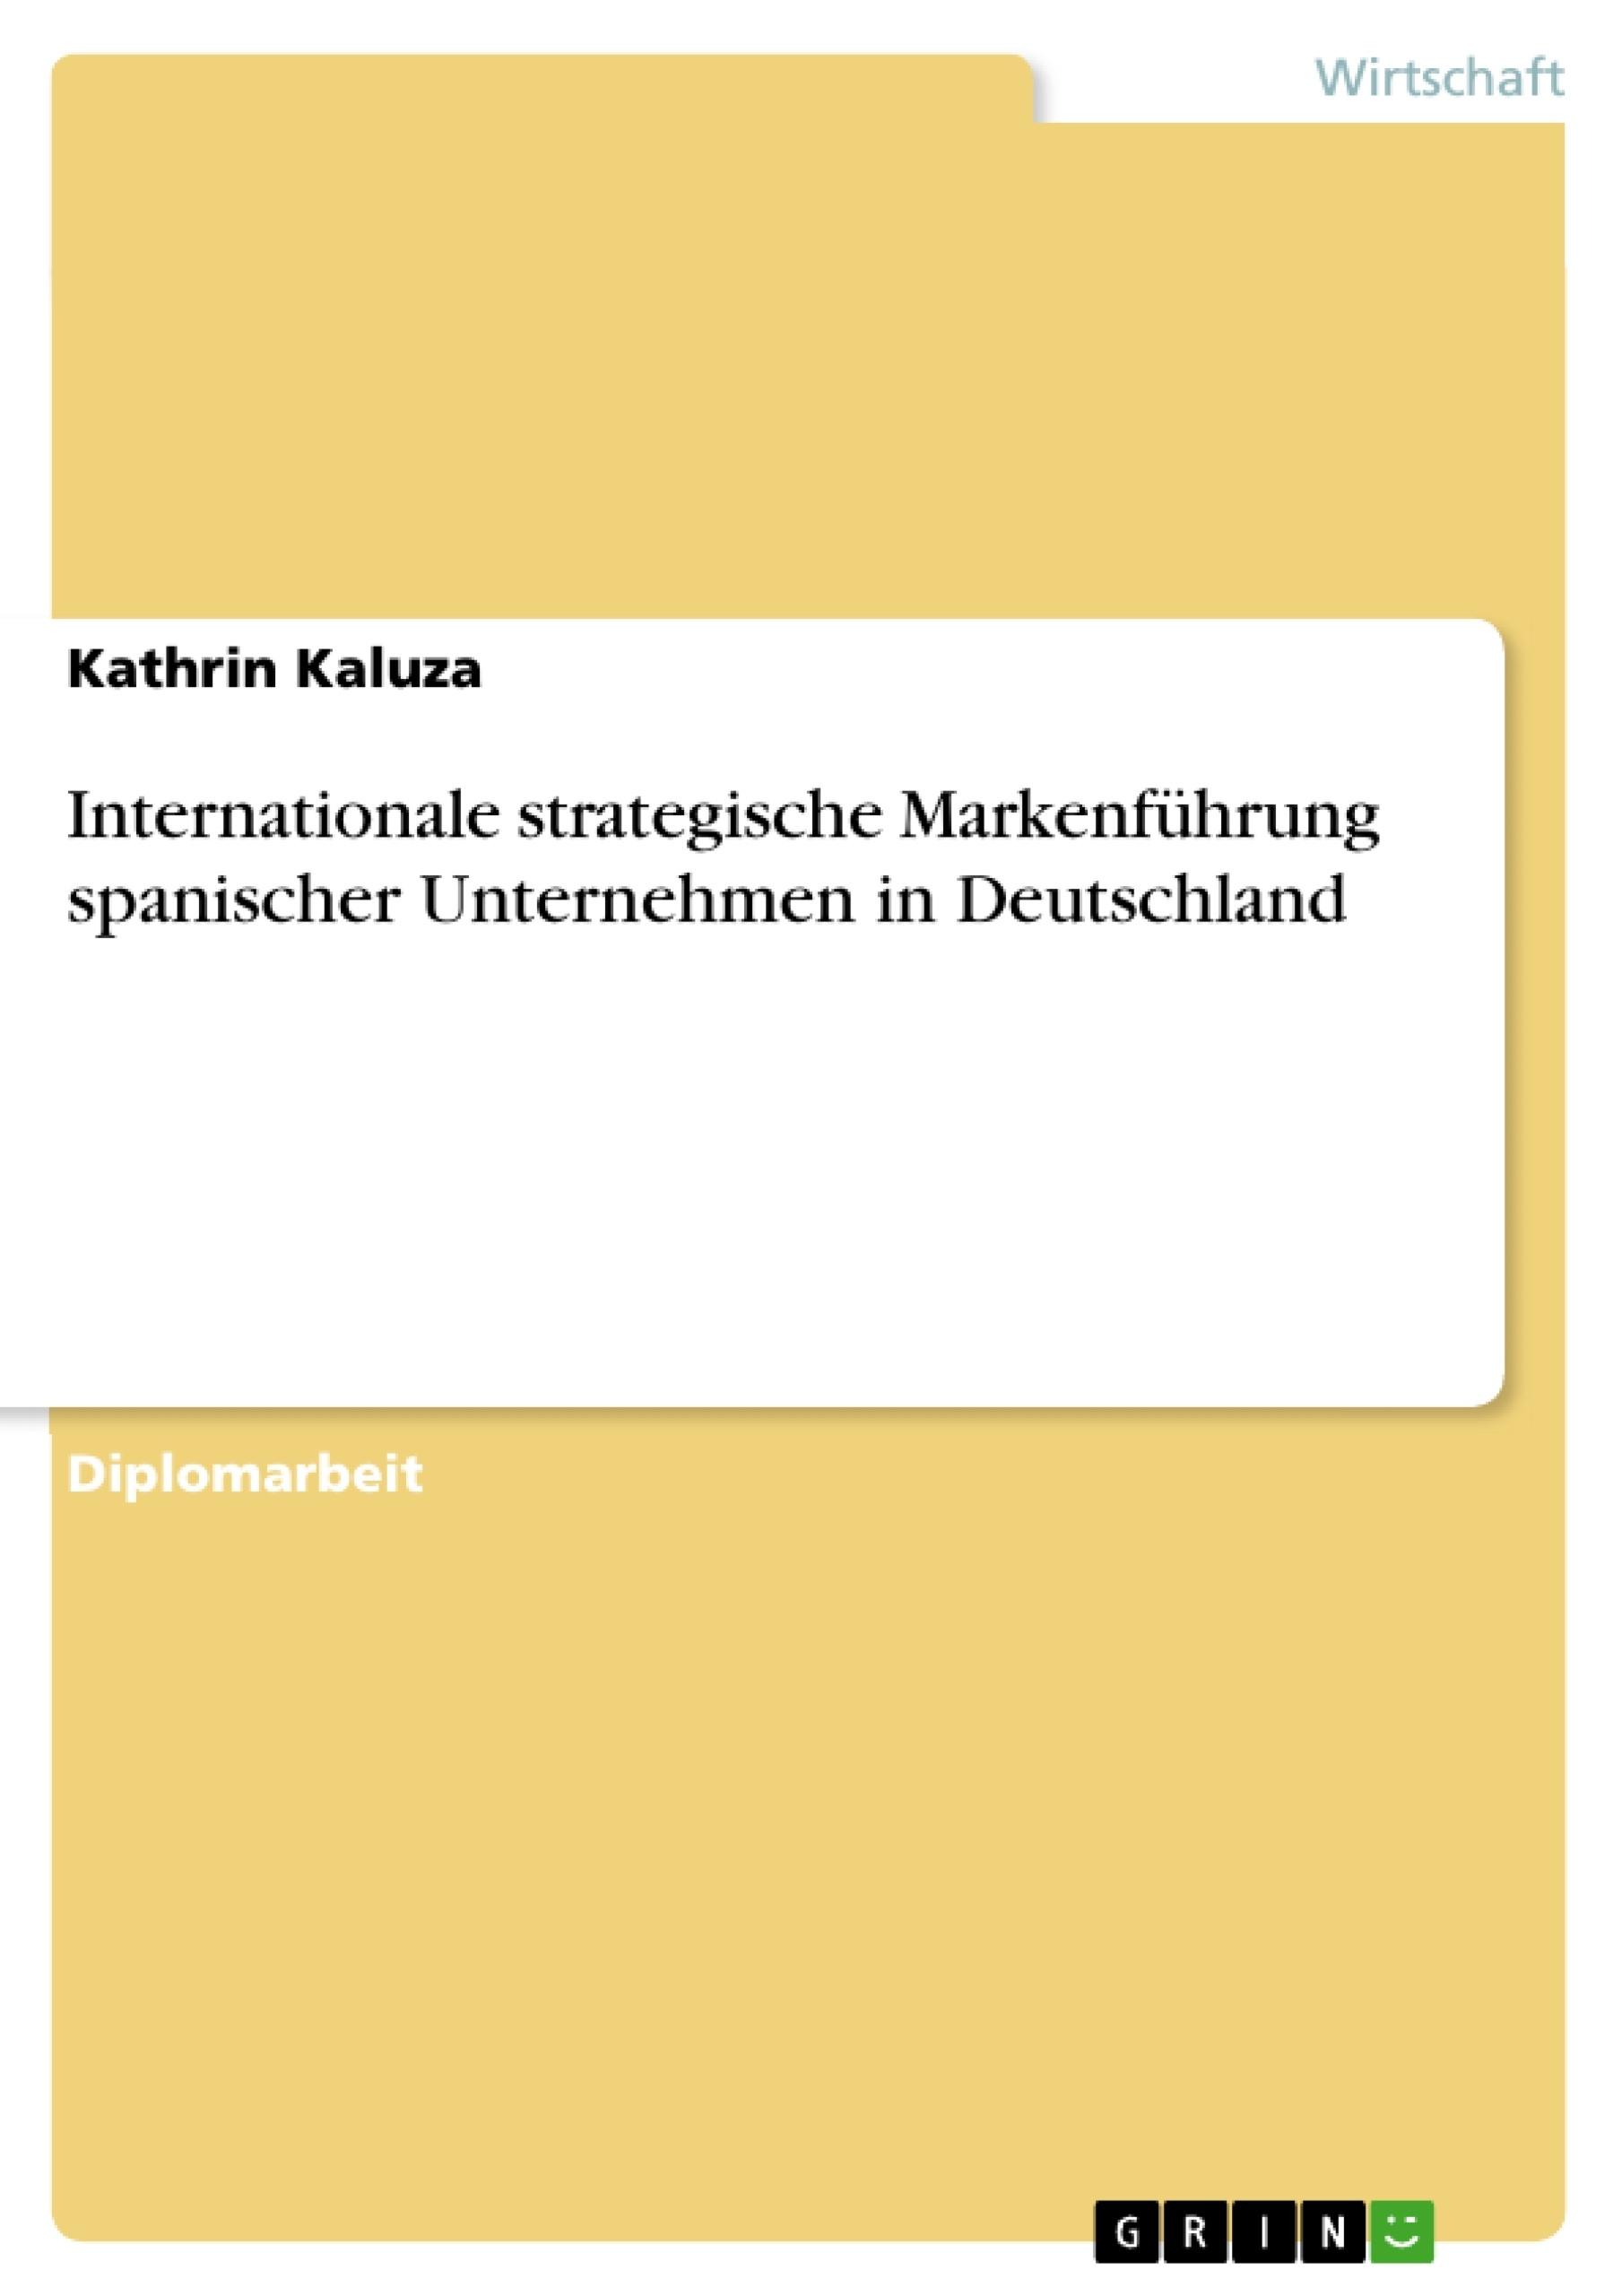 Titel: Internationale strategische Markenführung spanischer Unternehmen in Deutschland